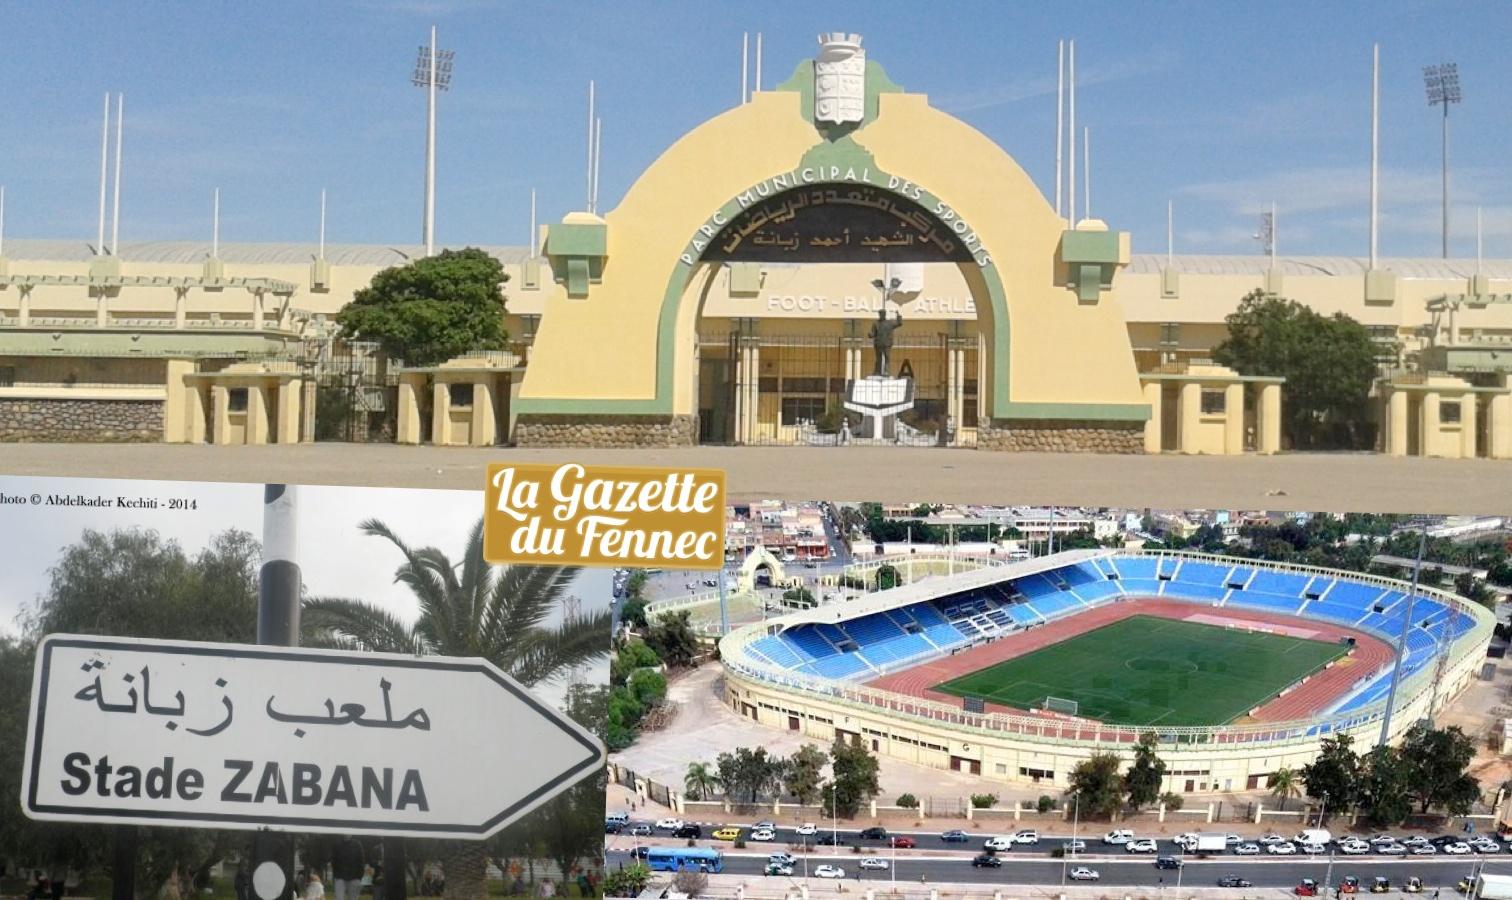 stade-zabana-oran